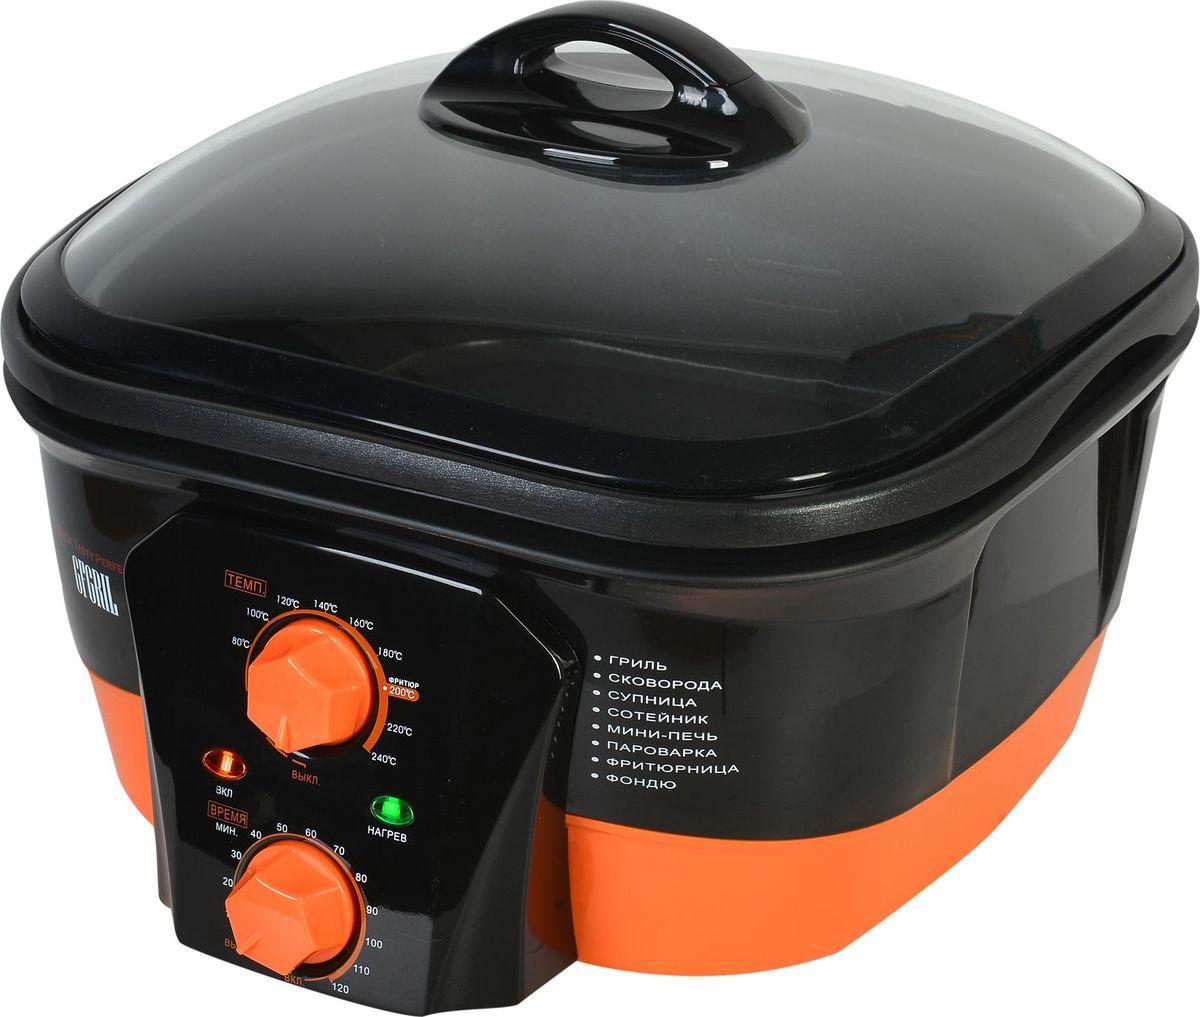 Gfgril GFM-508M, Orange мультиваркаGFM-508MМультиварка нового поколения с функцией электрогриля. Отличается от известных мультиварок многофункциональностью и объединяет в себе несколько функций, включая электрогриль и фритюрницу. Встроенный в чашу нагревательный элемент обеспечивает быстрый и сильный нагрев. Антипригарное покрытие. Объем чаши 5 л. Таймер на 120 мин. Регулировка температуры до 240°С. Функция поддержания установленной температуры. Высокая мощность 1500 Вт. Индикаторы включения и нагрева. Жаропрочная стеклянная крышка. В комплекте 4 аксессуара: хромированная корзина для фритюра, хромированная решетка для пароварки, низкая решетка для запекания, 6 вилок для фондю.